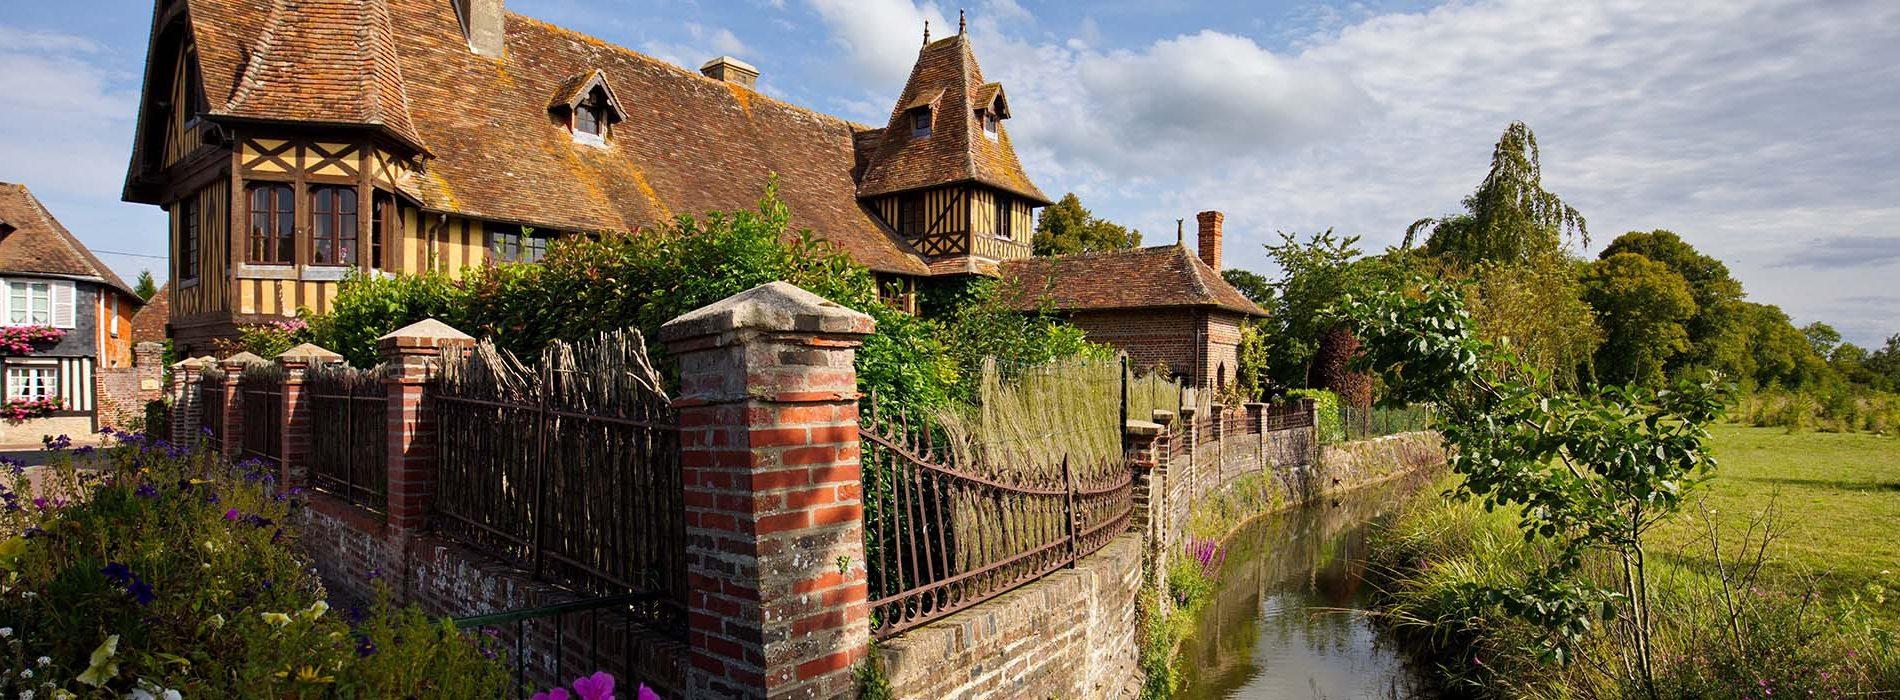 Maison en colombage dans le Calvados en Normandie, bordée d'un ruisseau